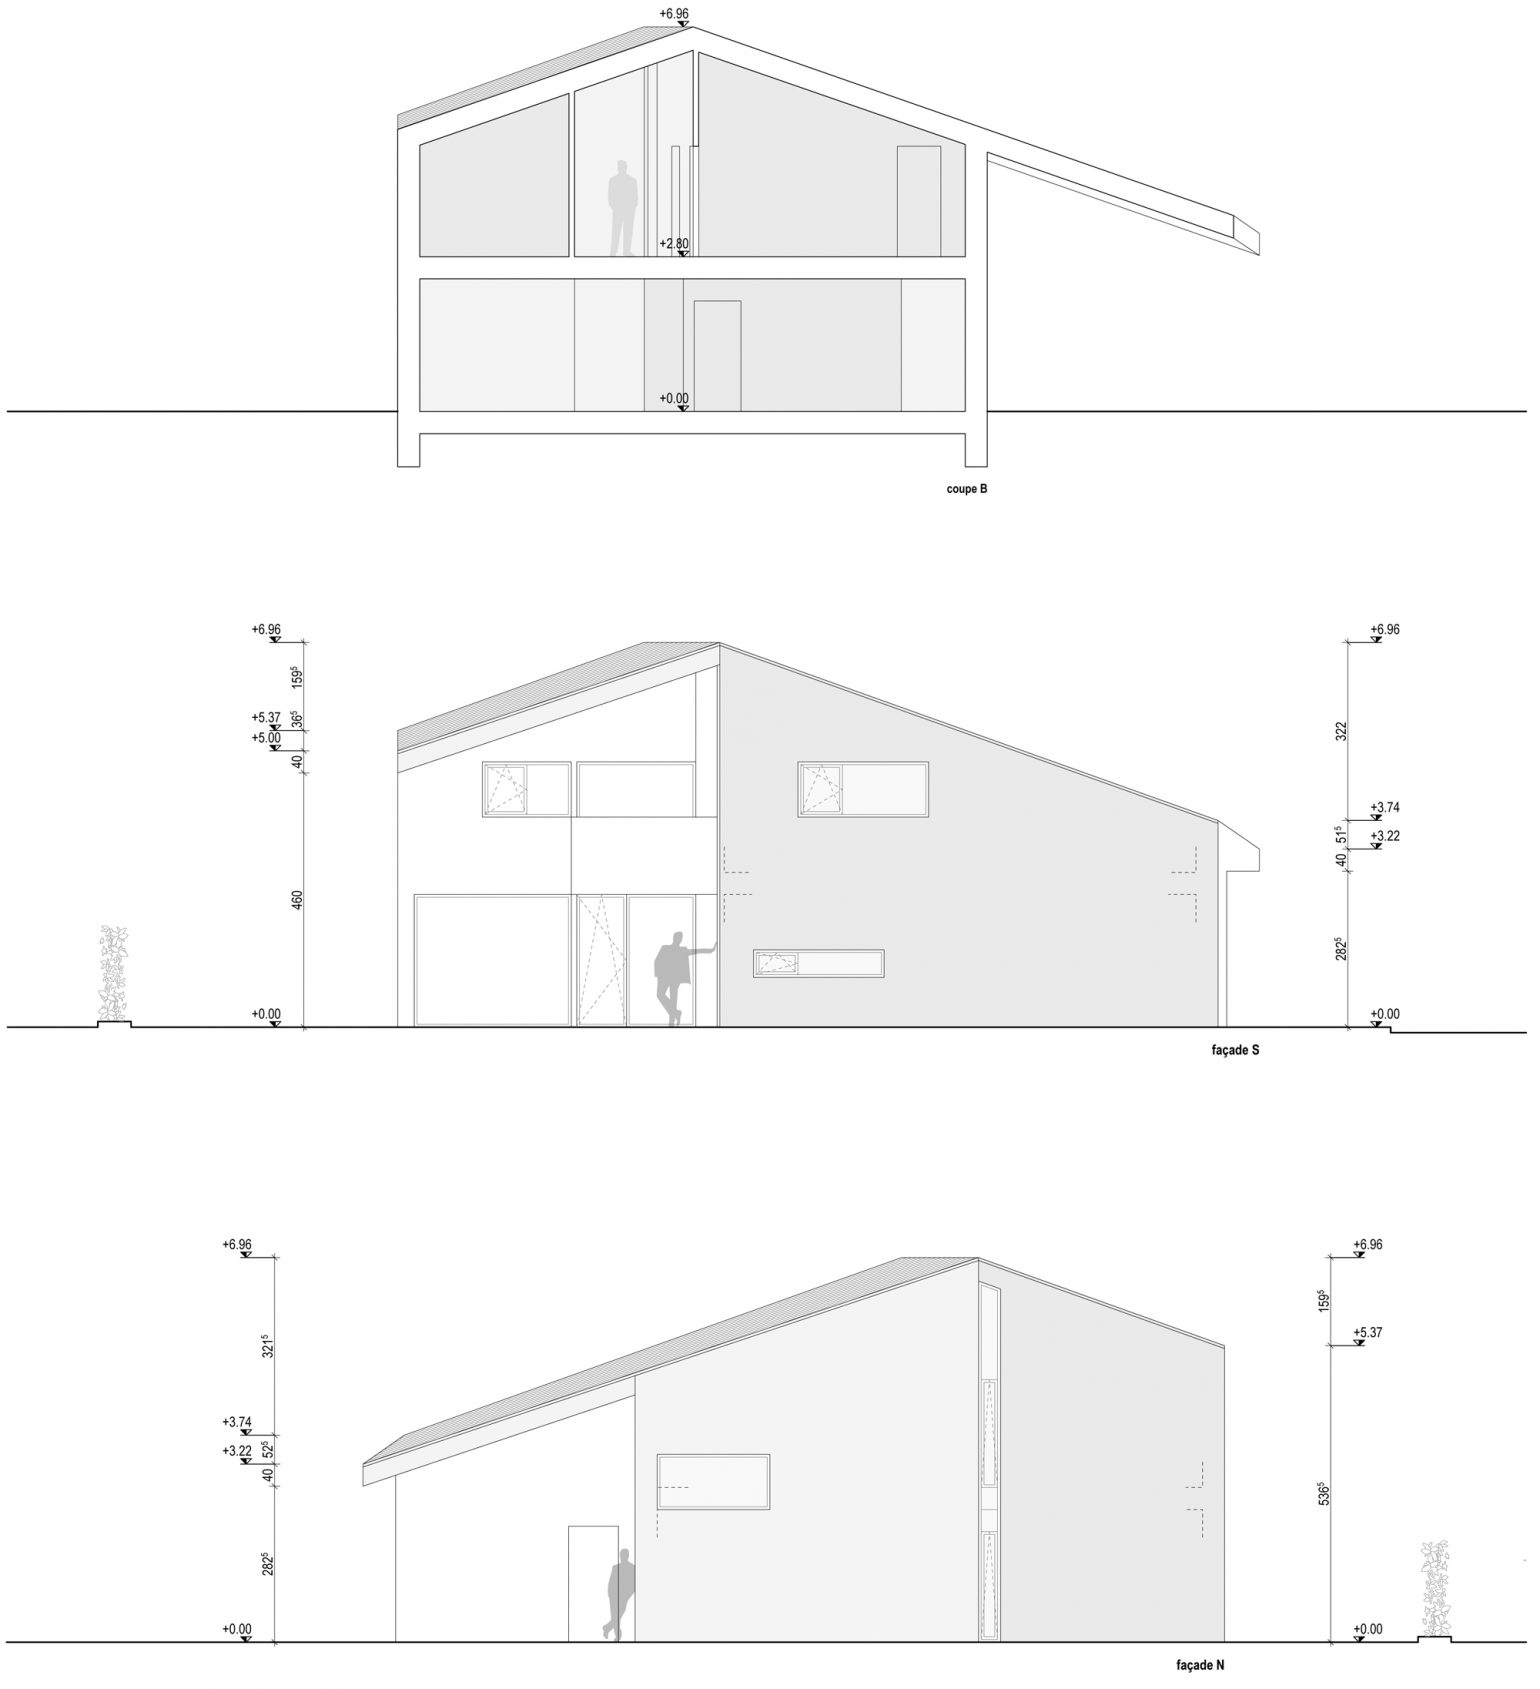 maison_deleze_conthey_françois_meyer_architecture_sion_04